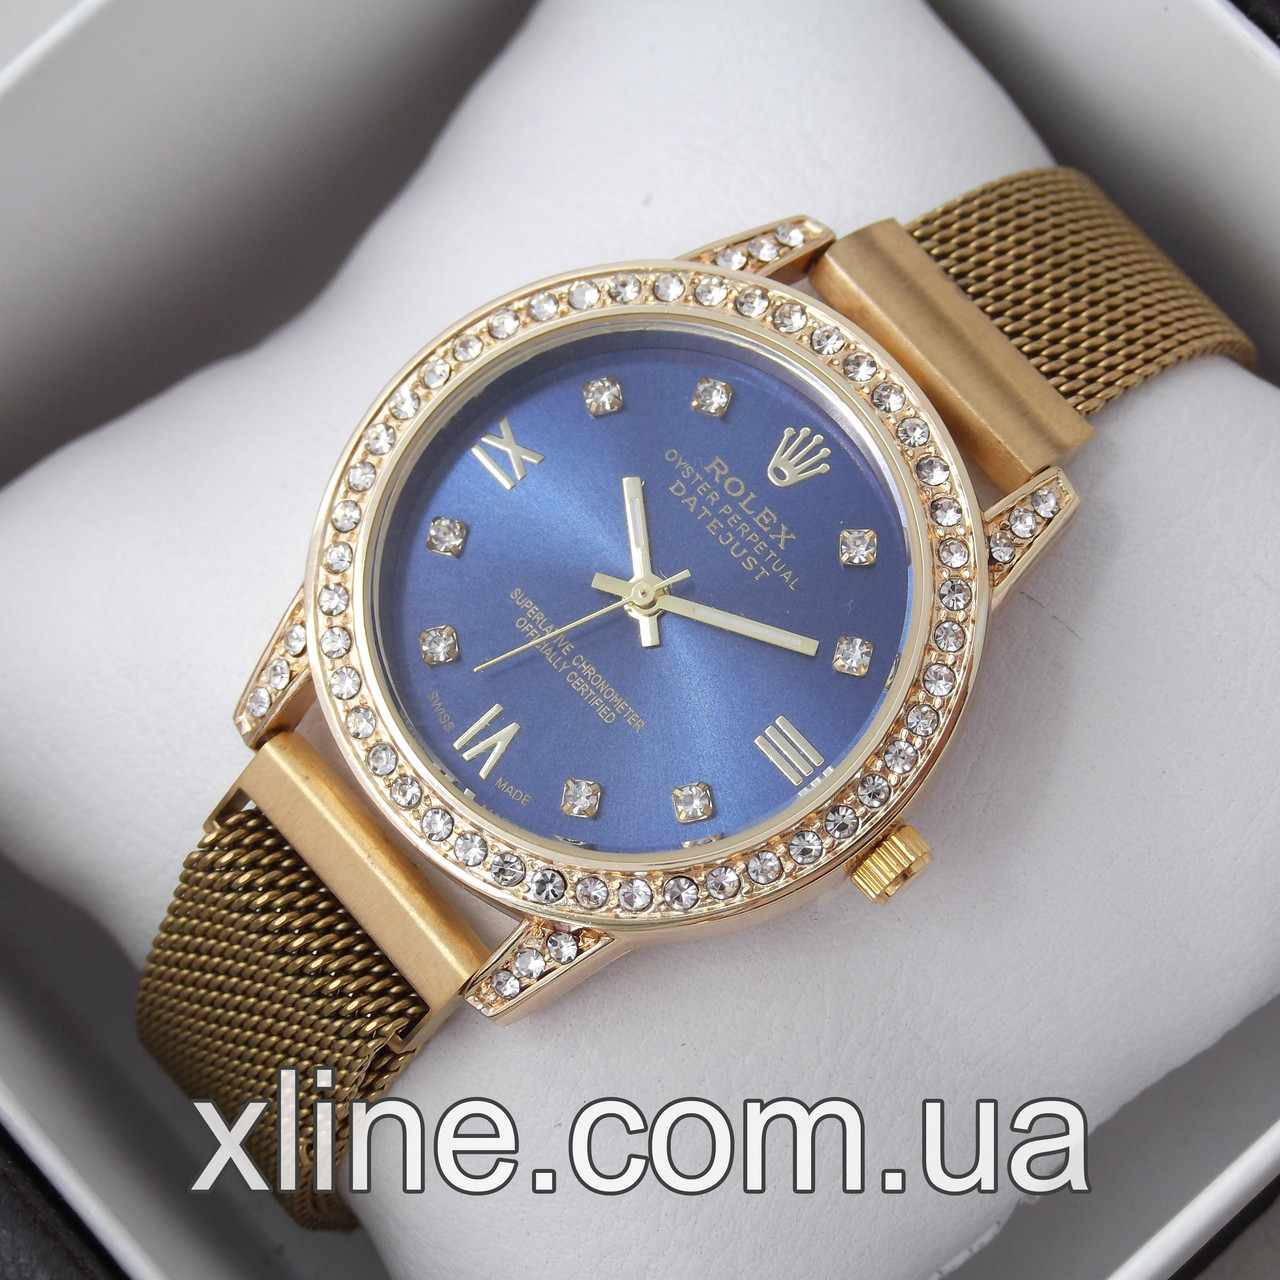 Жіночі наручні годинники Rolex C33-1 на металевому браслеті